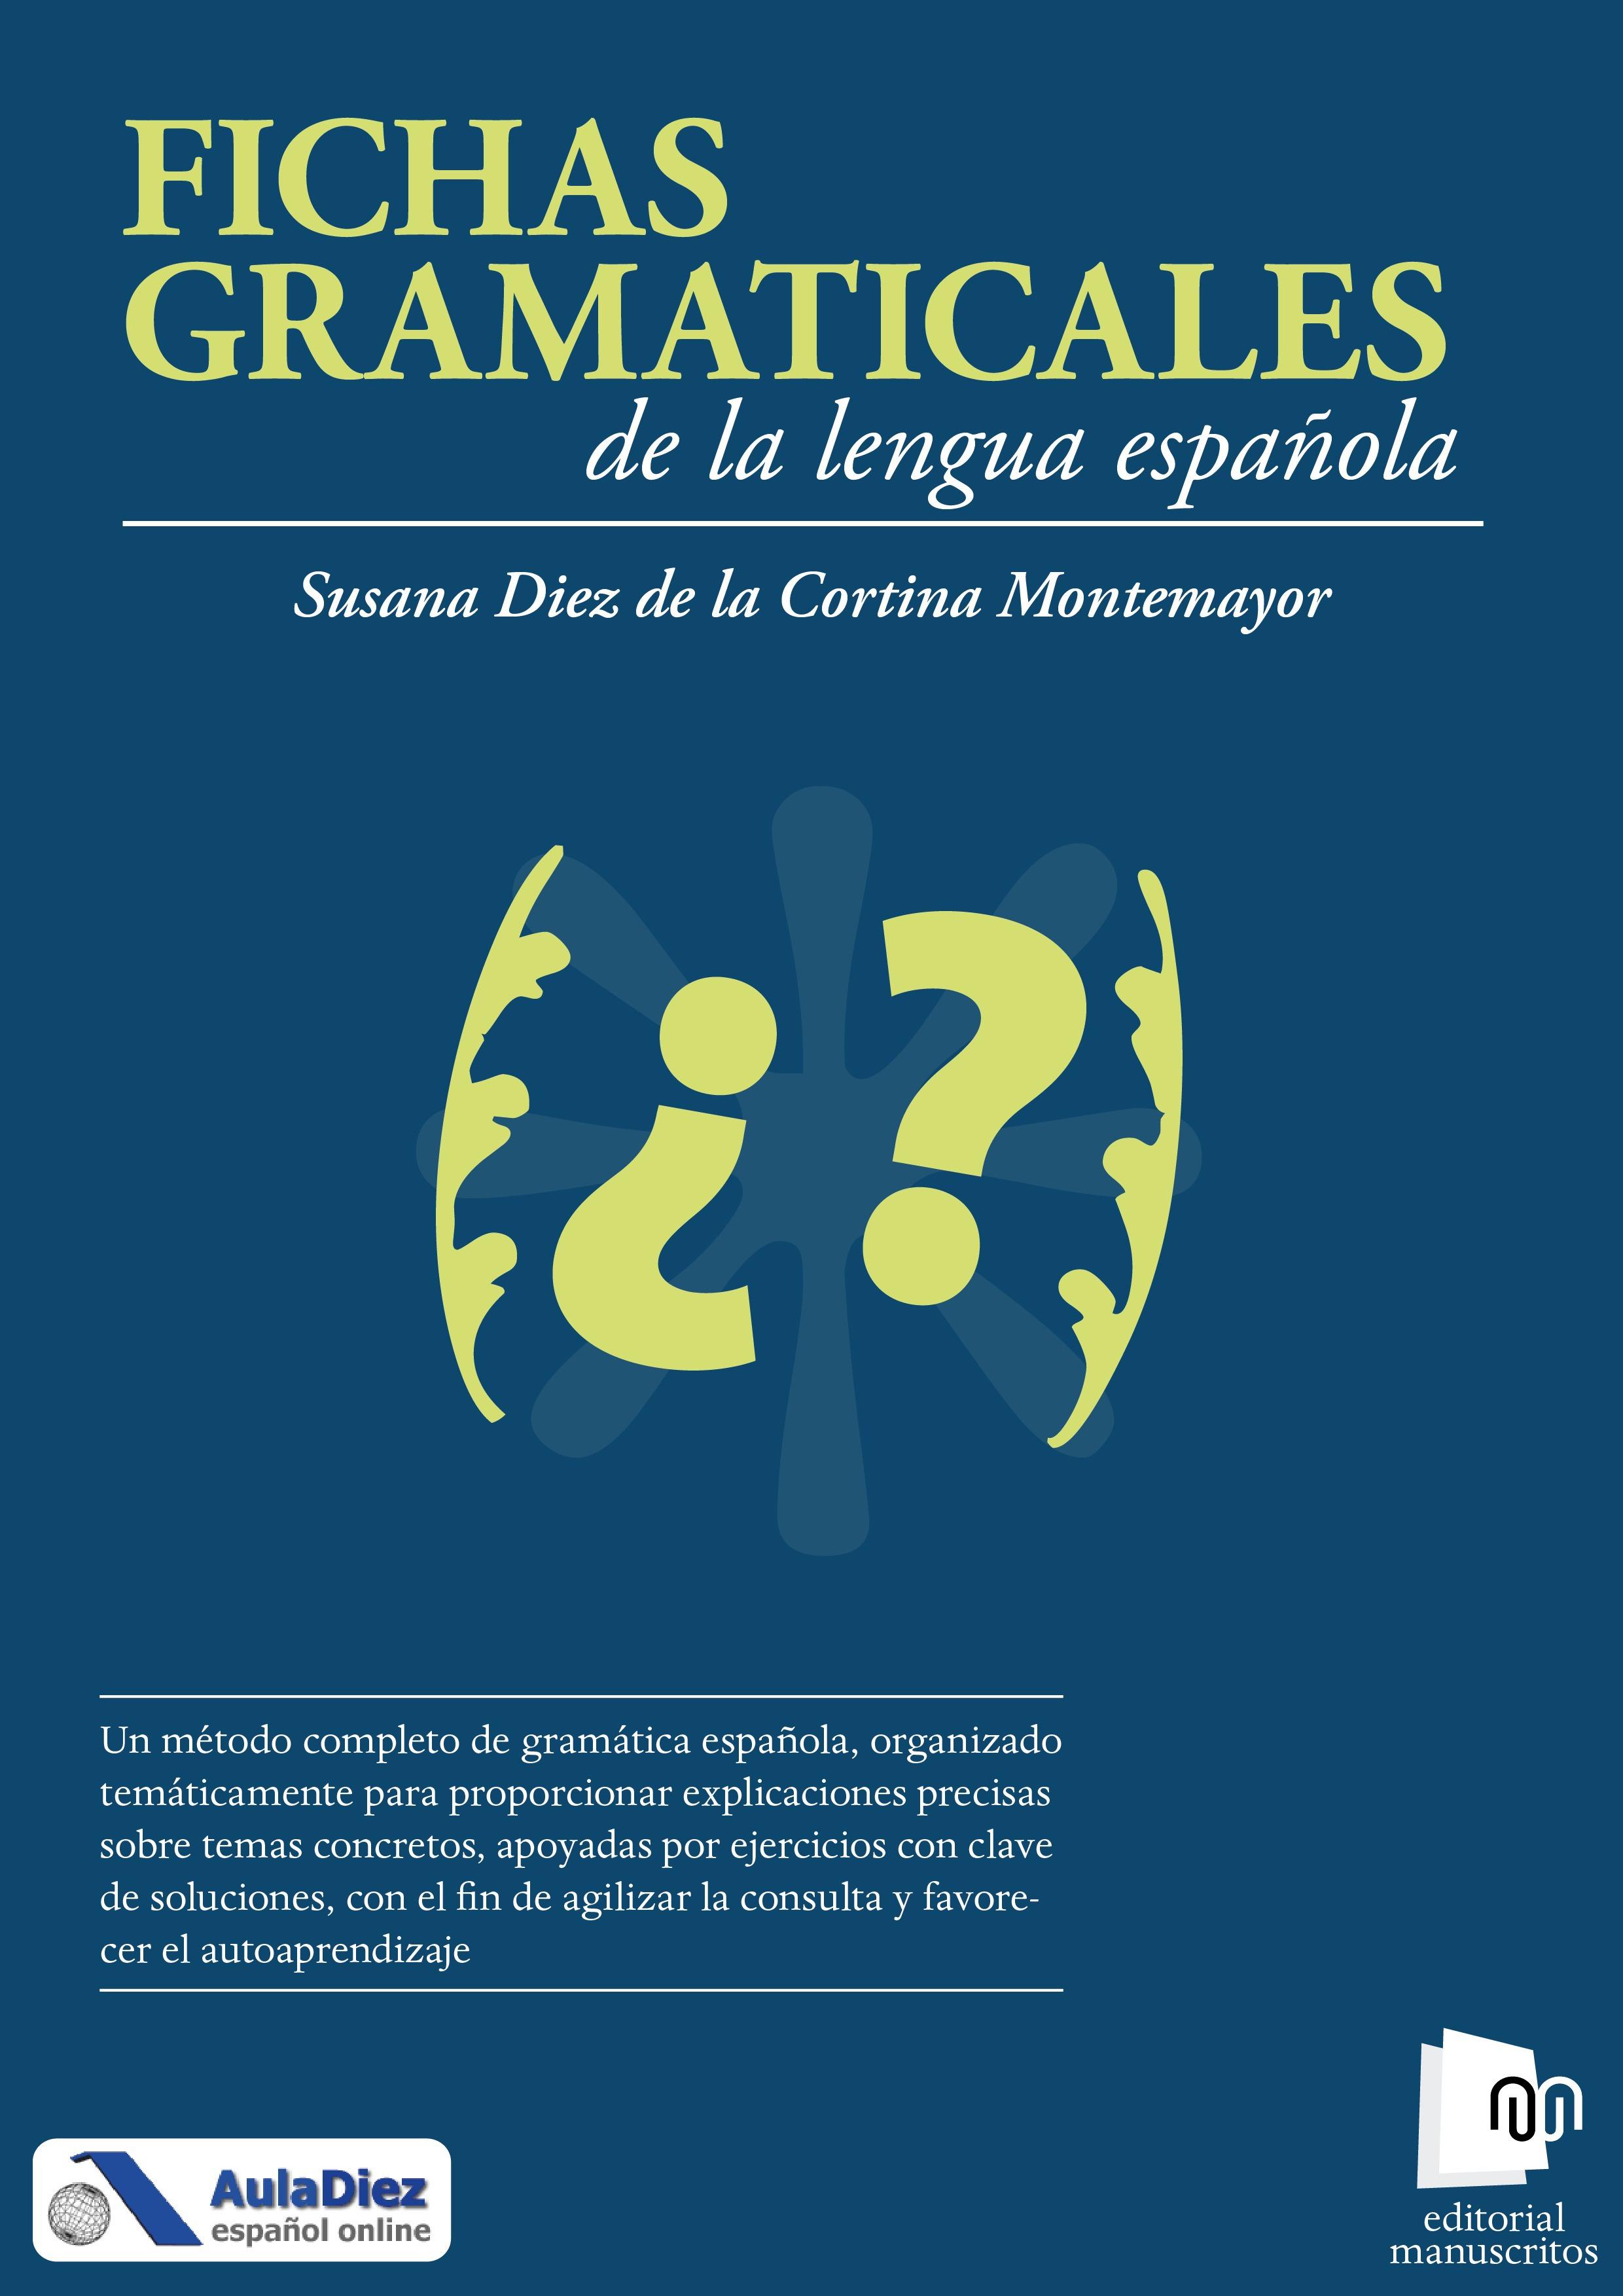 Susana Diez De La Cortina Montemayor Fichas gramaticales de la lengua española